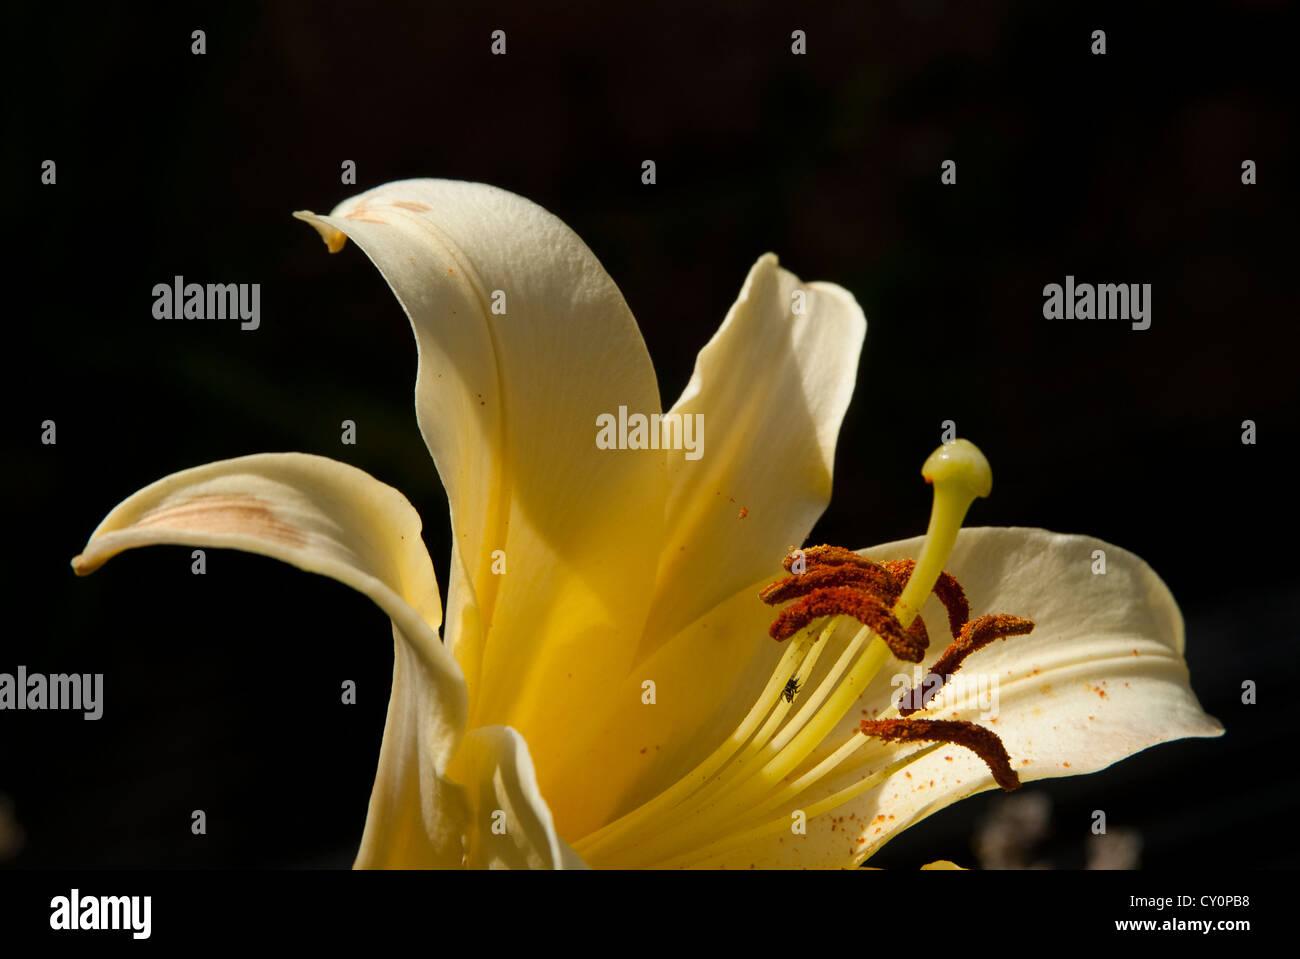 Gynoecium lily flower stock photos gynoecium lily flower stock detail of a yellow lily stock image izmirmasajfo